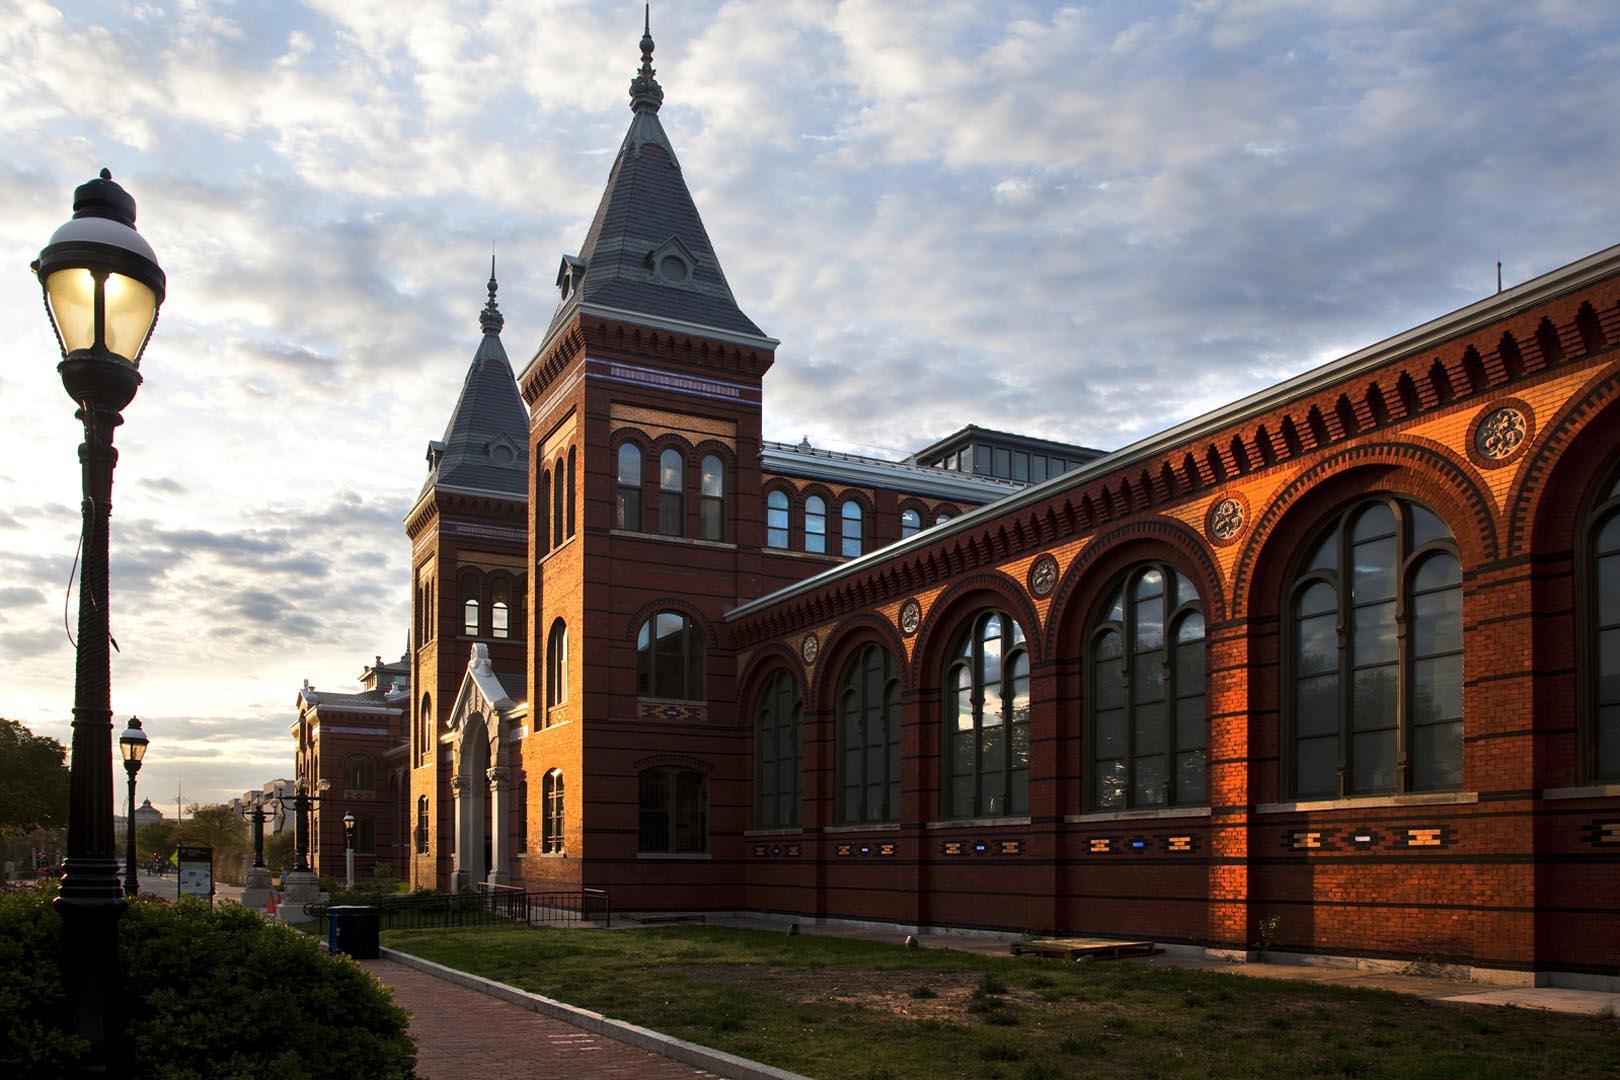 Washington DC architecture photographer